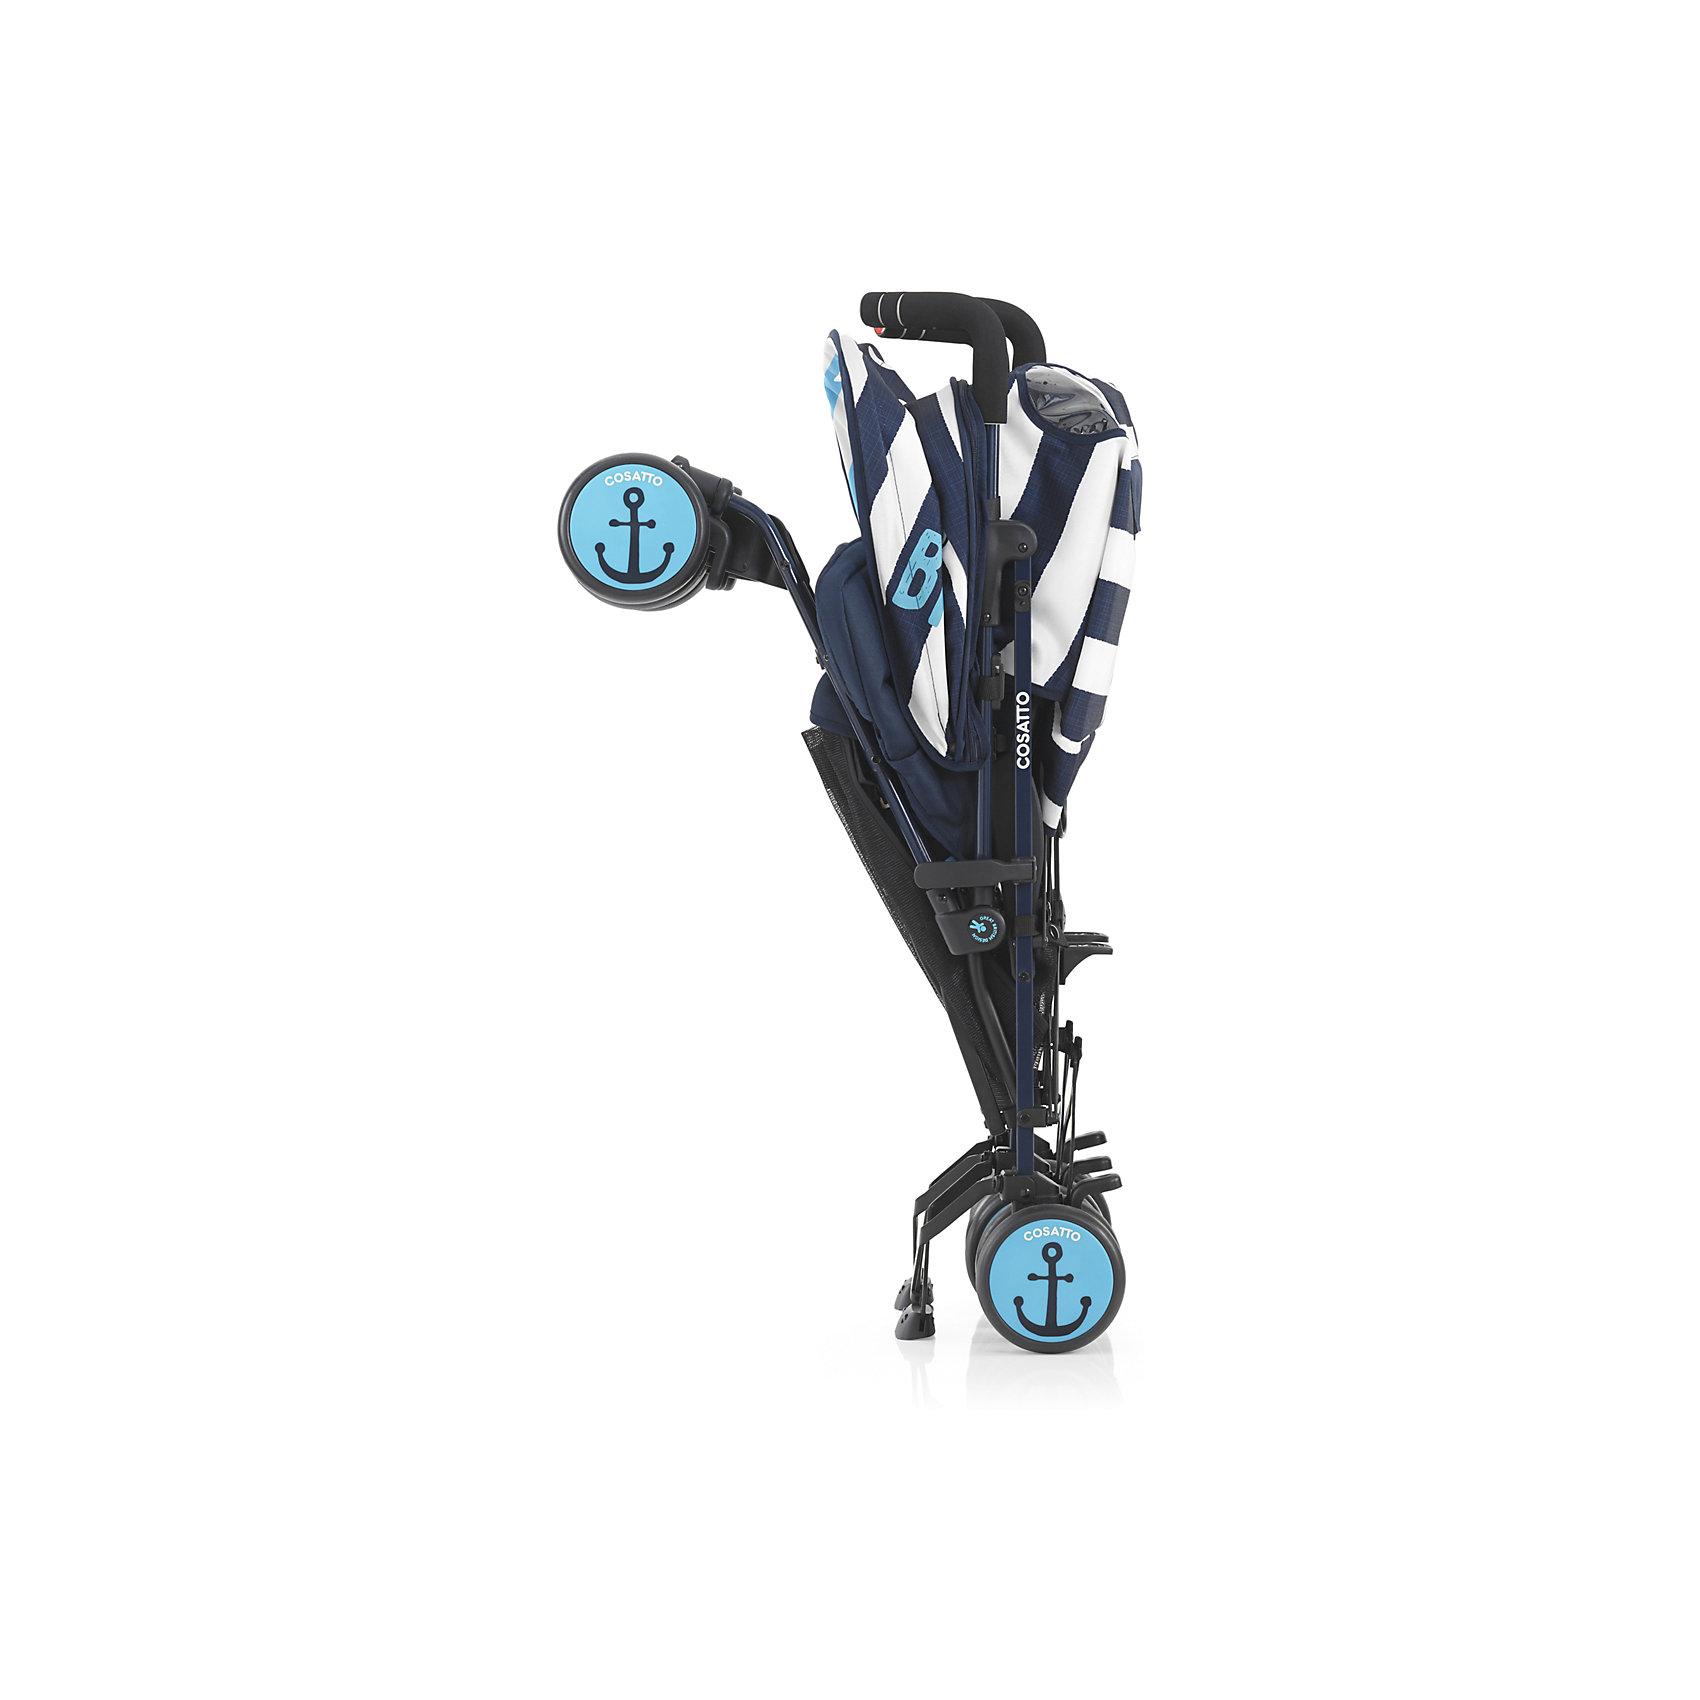 Прогулочная коляска для двойни SUPA DUPA TWIN, Cosatto, Sis N Bro 4 (COSATTO)